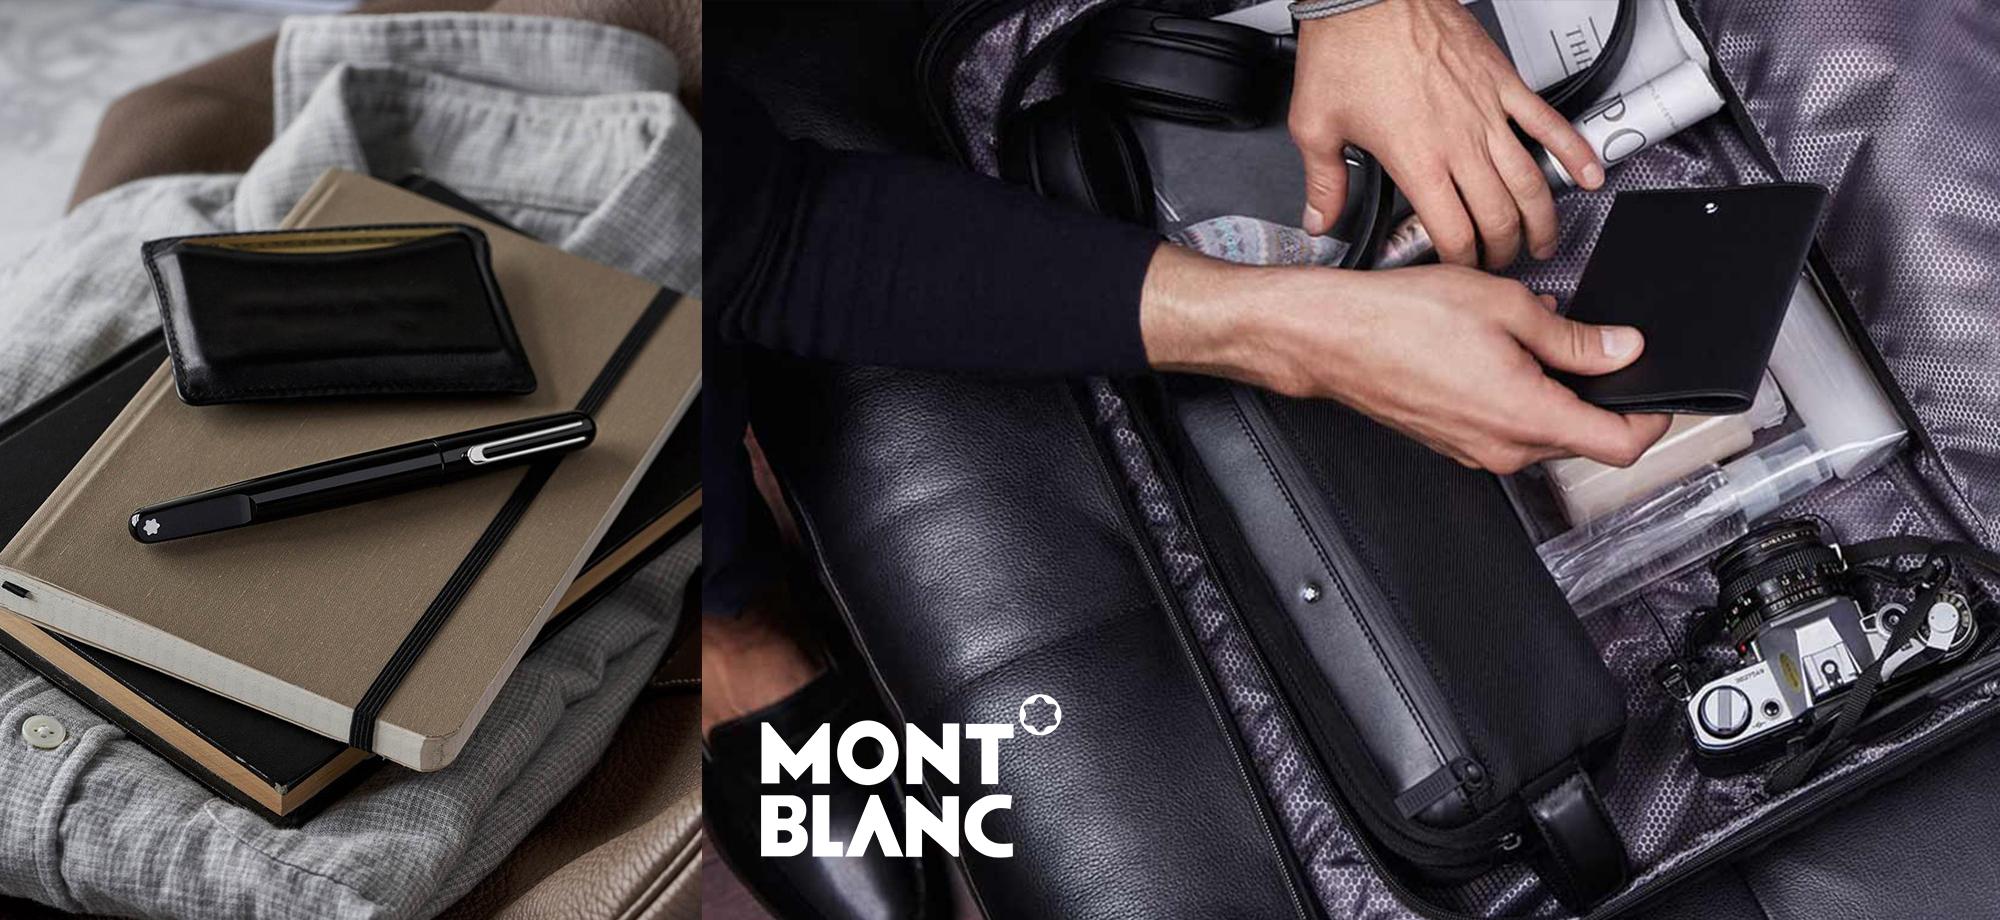 Montblanc_Alexandridis